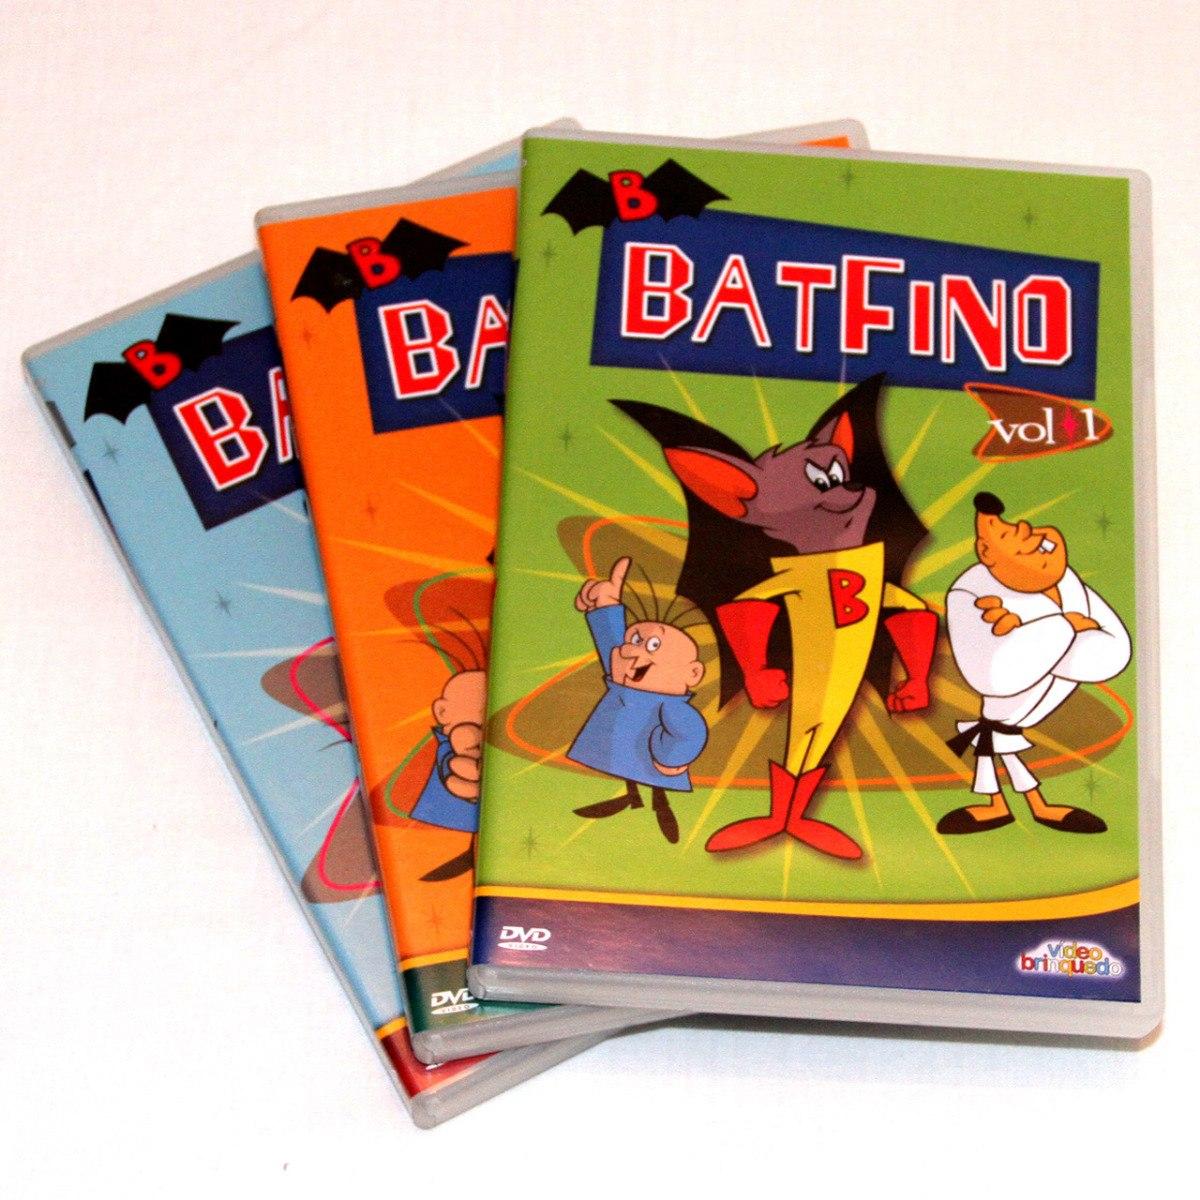 Dvd Batfino Desenho Completa 3 Dvds R 58 00 Em Mercado Livre